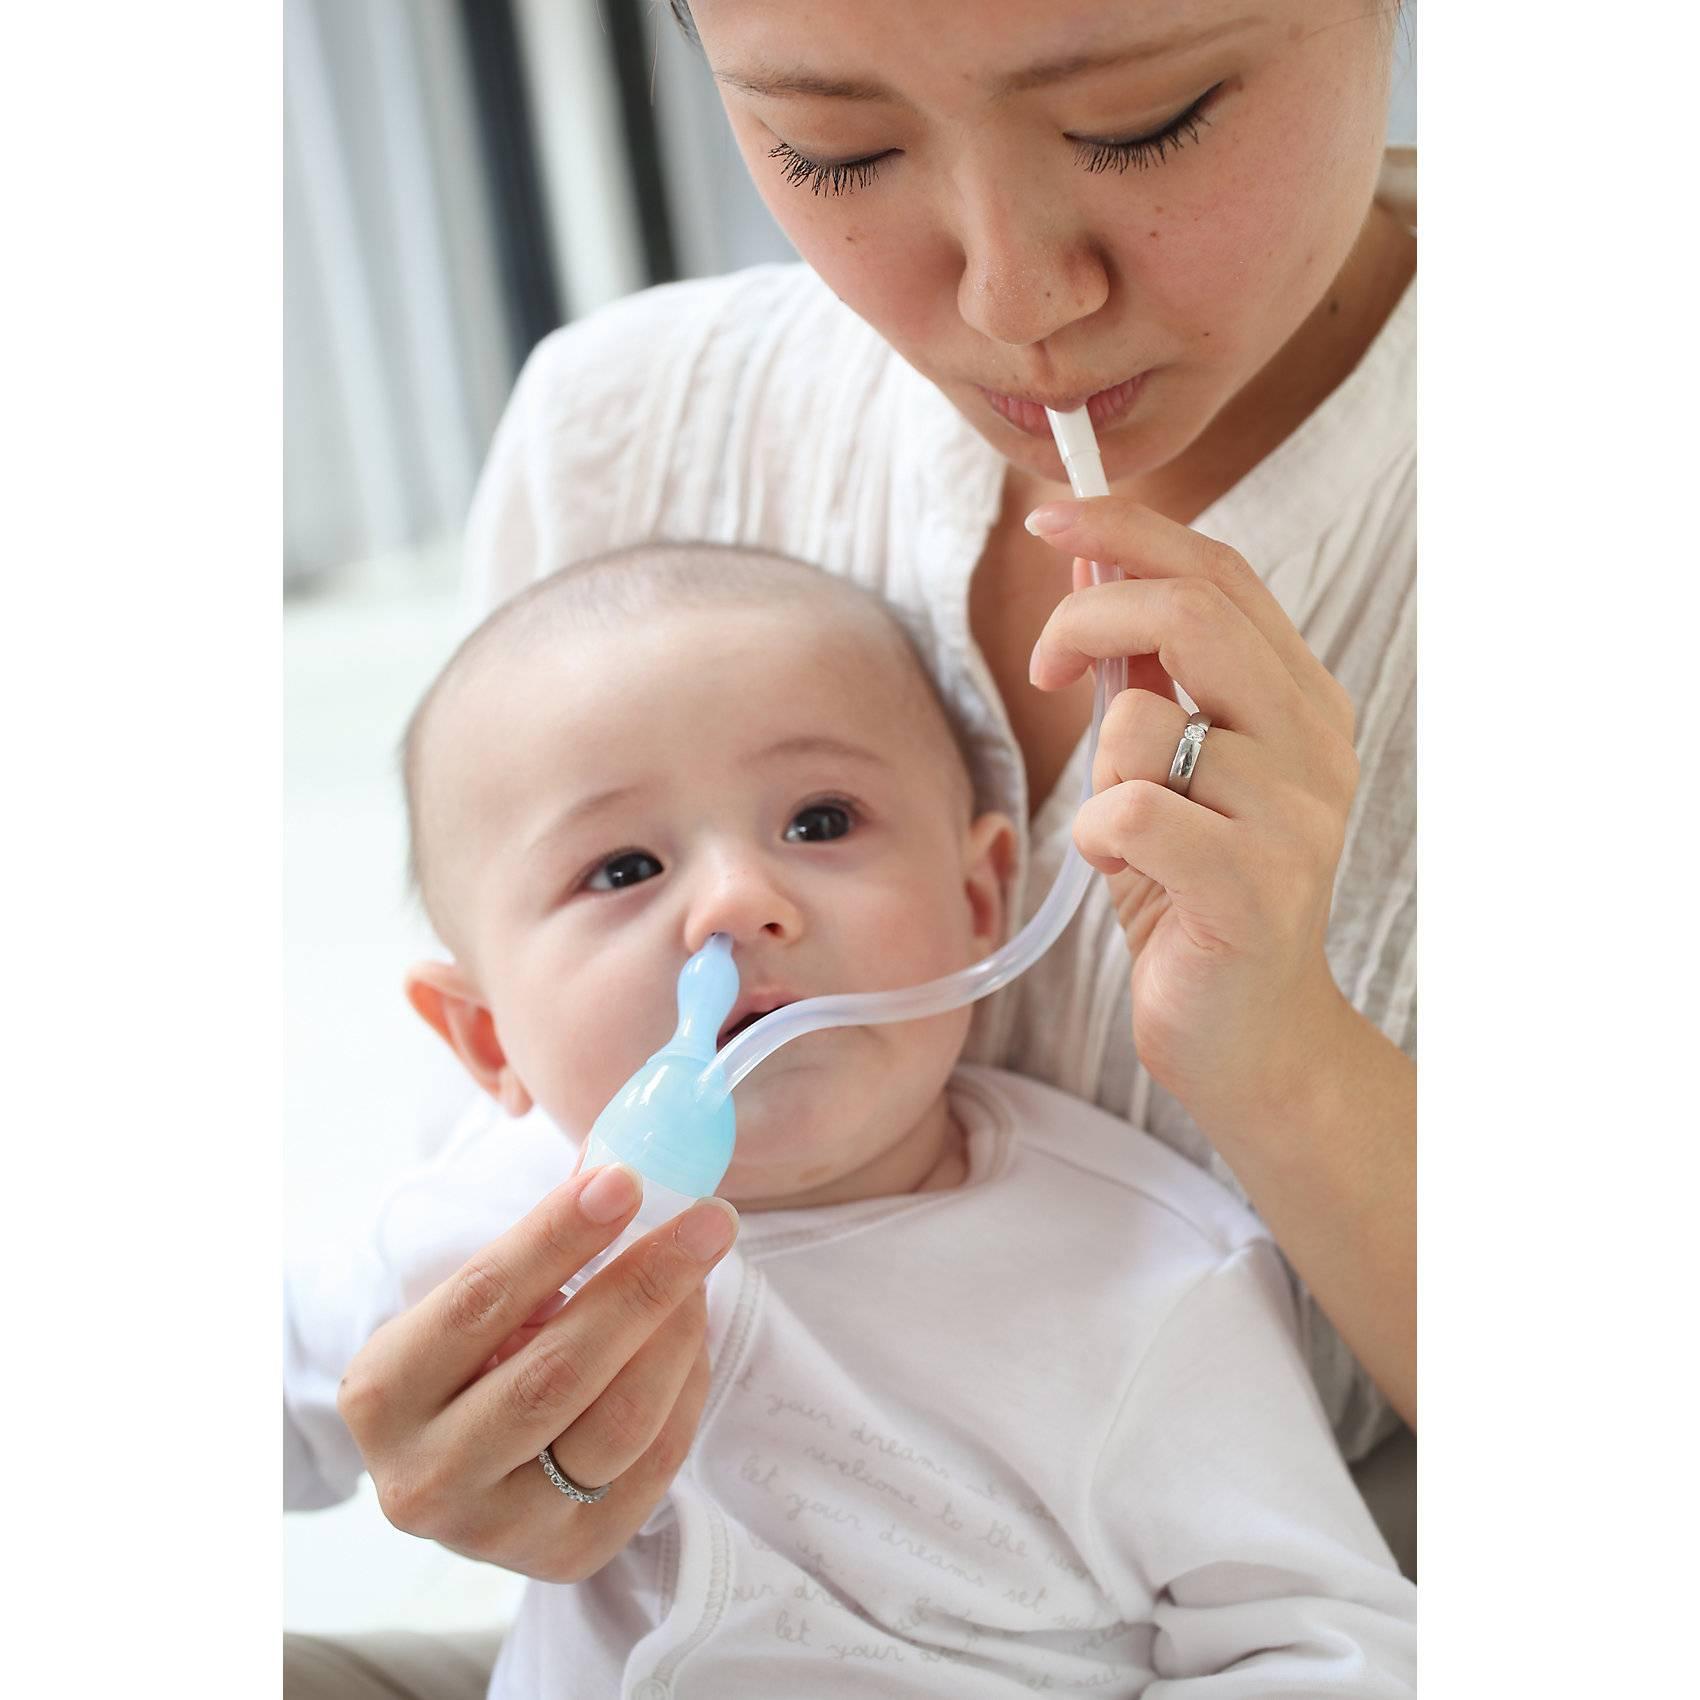 Как аспиратором чистить носик новорожденному?